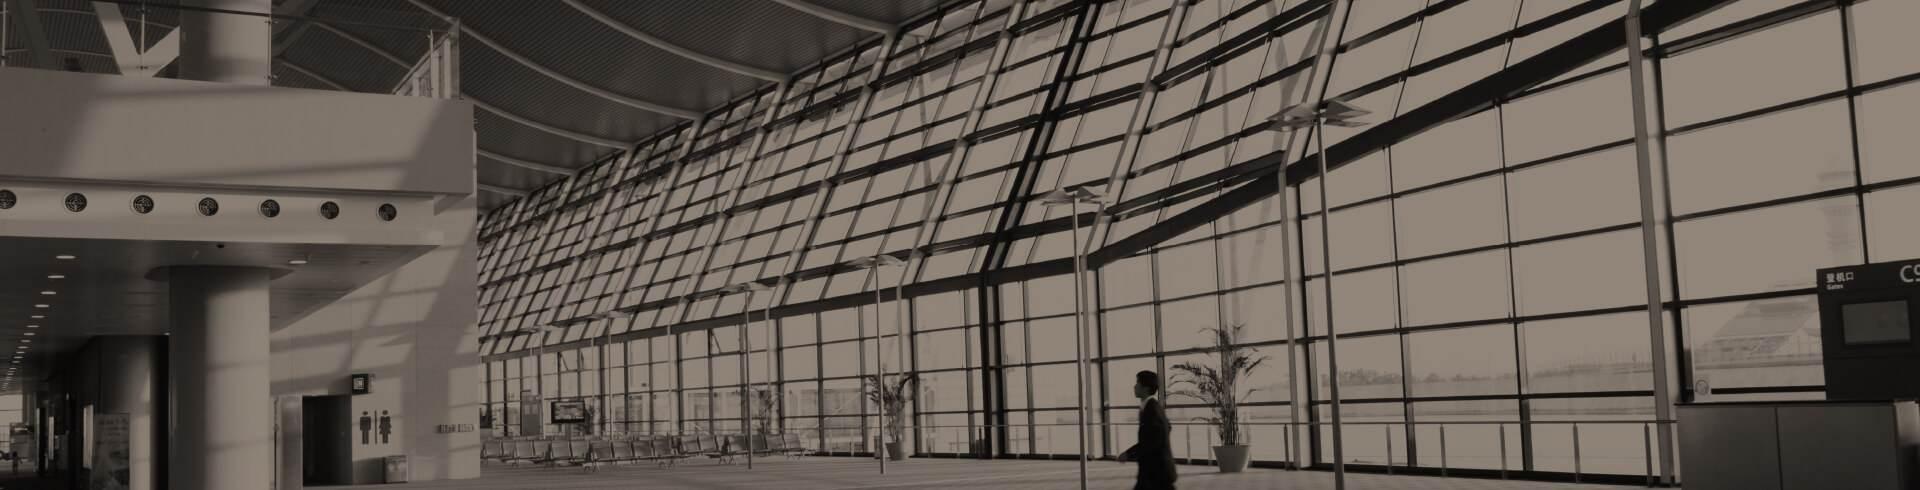 Arquitectura metálica: proyecto y realización